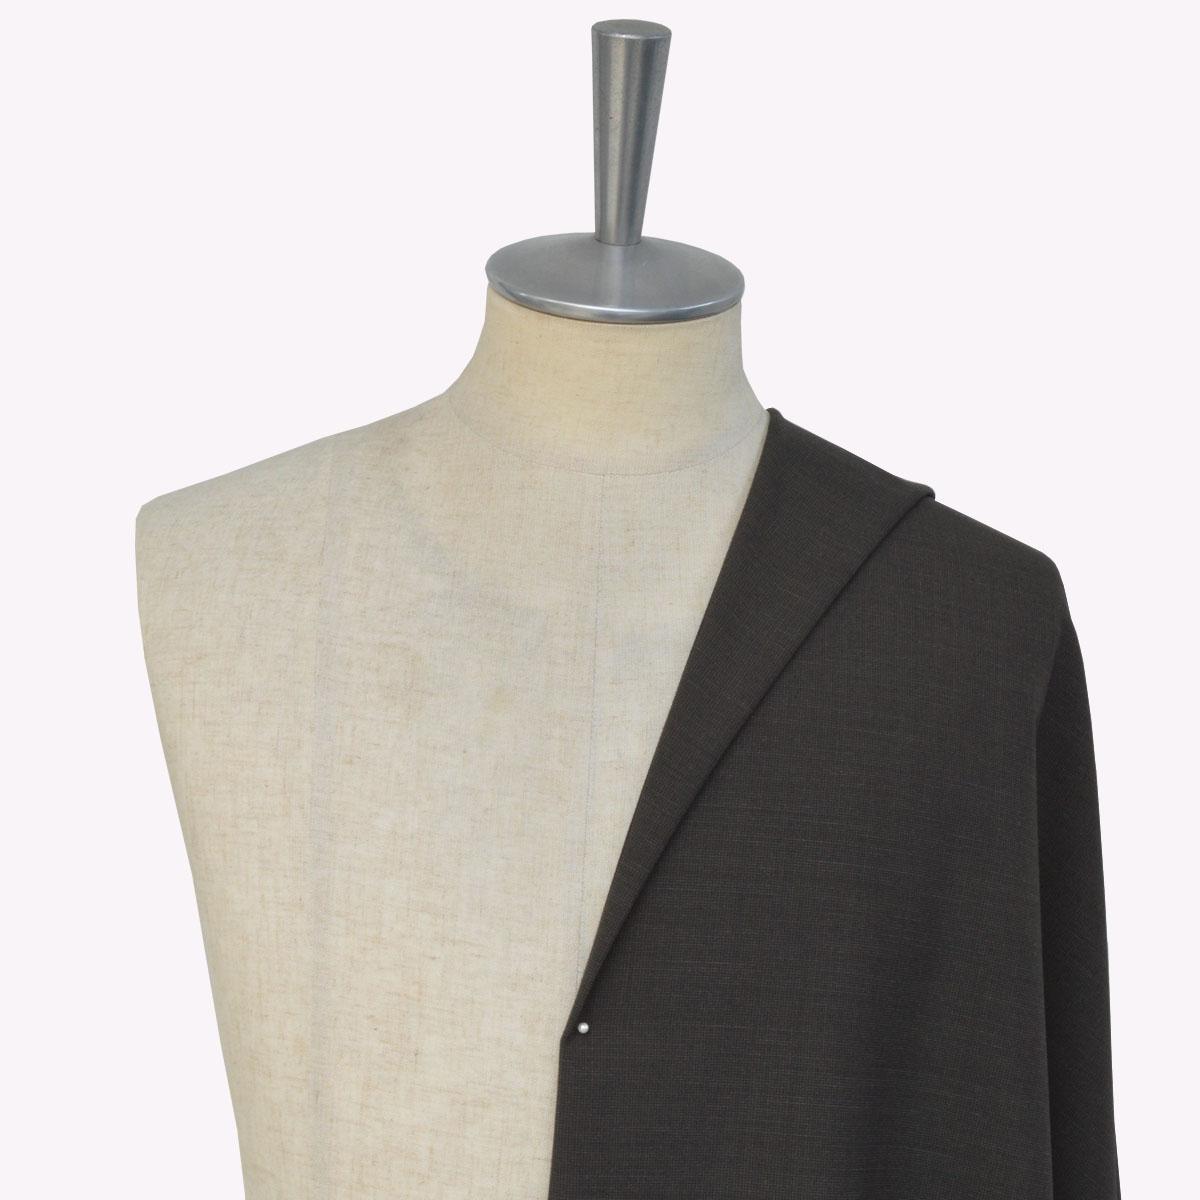 [オーダーレディーススーツ スカートセット]夏の強い味方!透け感のある爽やか素材!